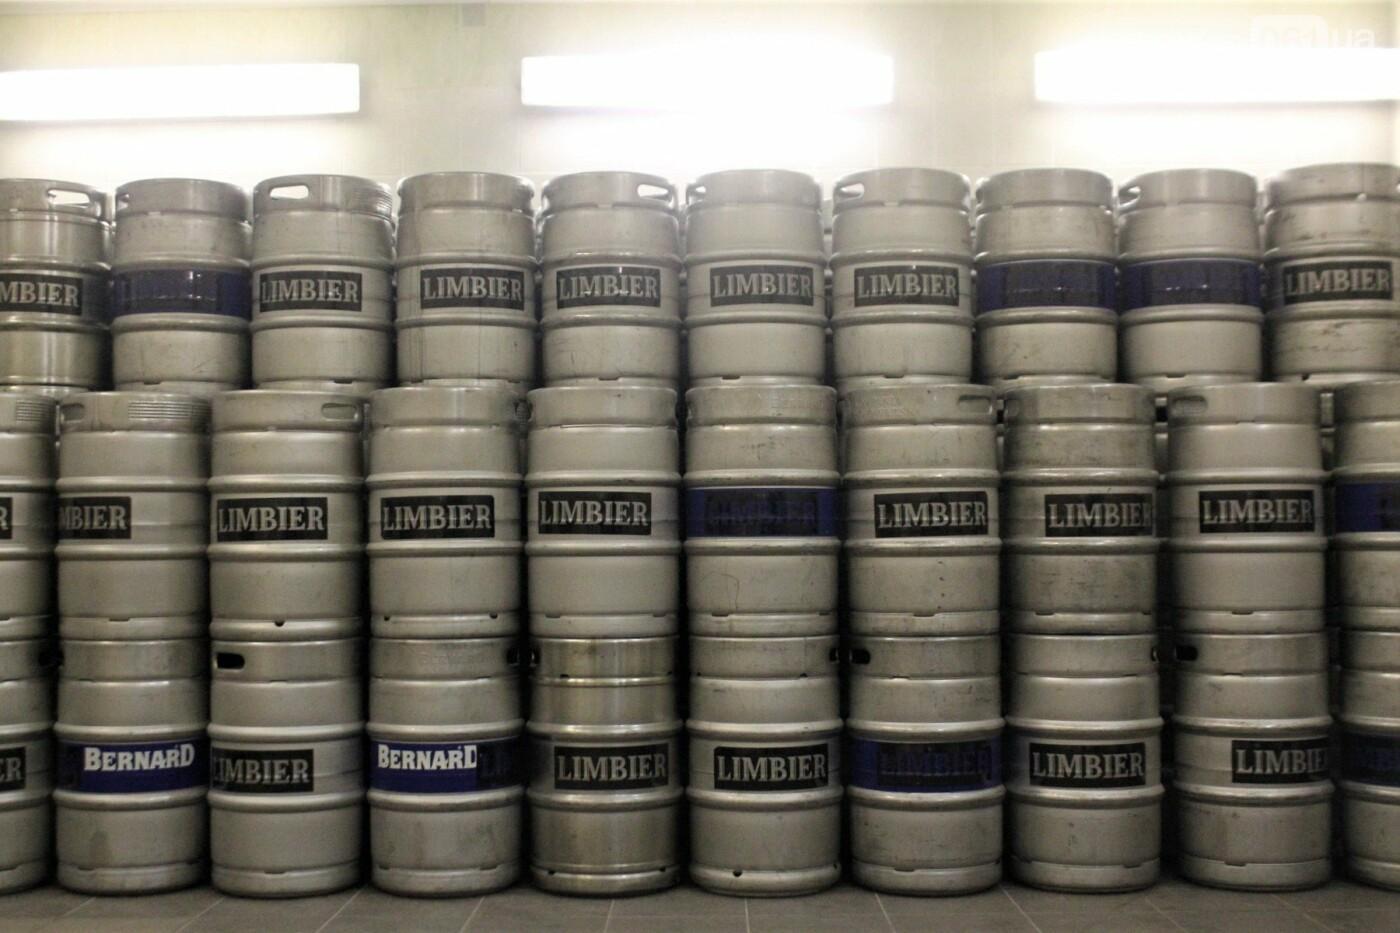 Как в Запорожье готовят крафтовое пиво «Limbier»: экскурсия на производство, – ФОТОРЕПОРТАЖ, фото-19